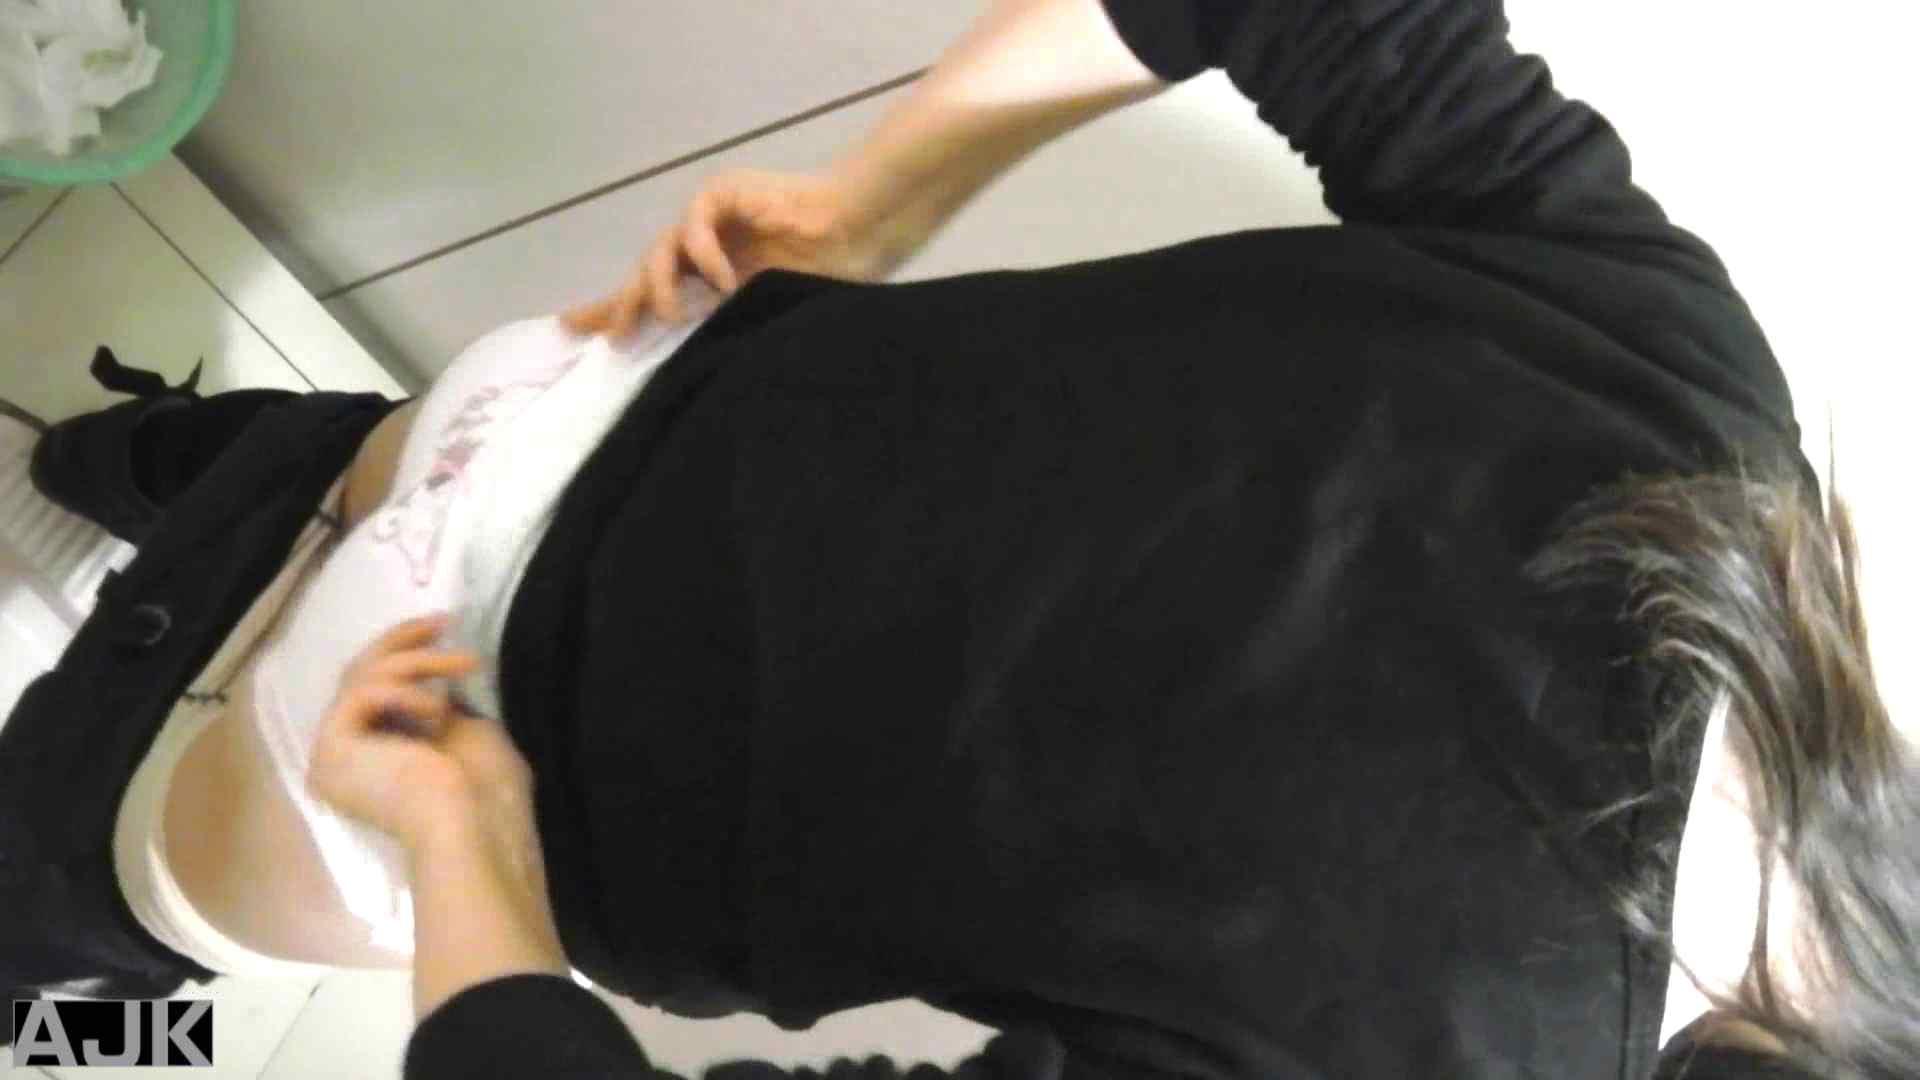 セックスアダルト動画|隣国上階級エリアの令嬢たちが集うデパートお手洗い Vol.08|怪盗ジョーカー